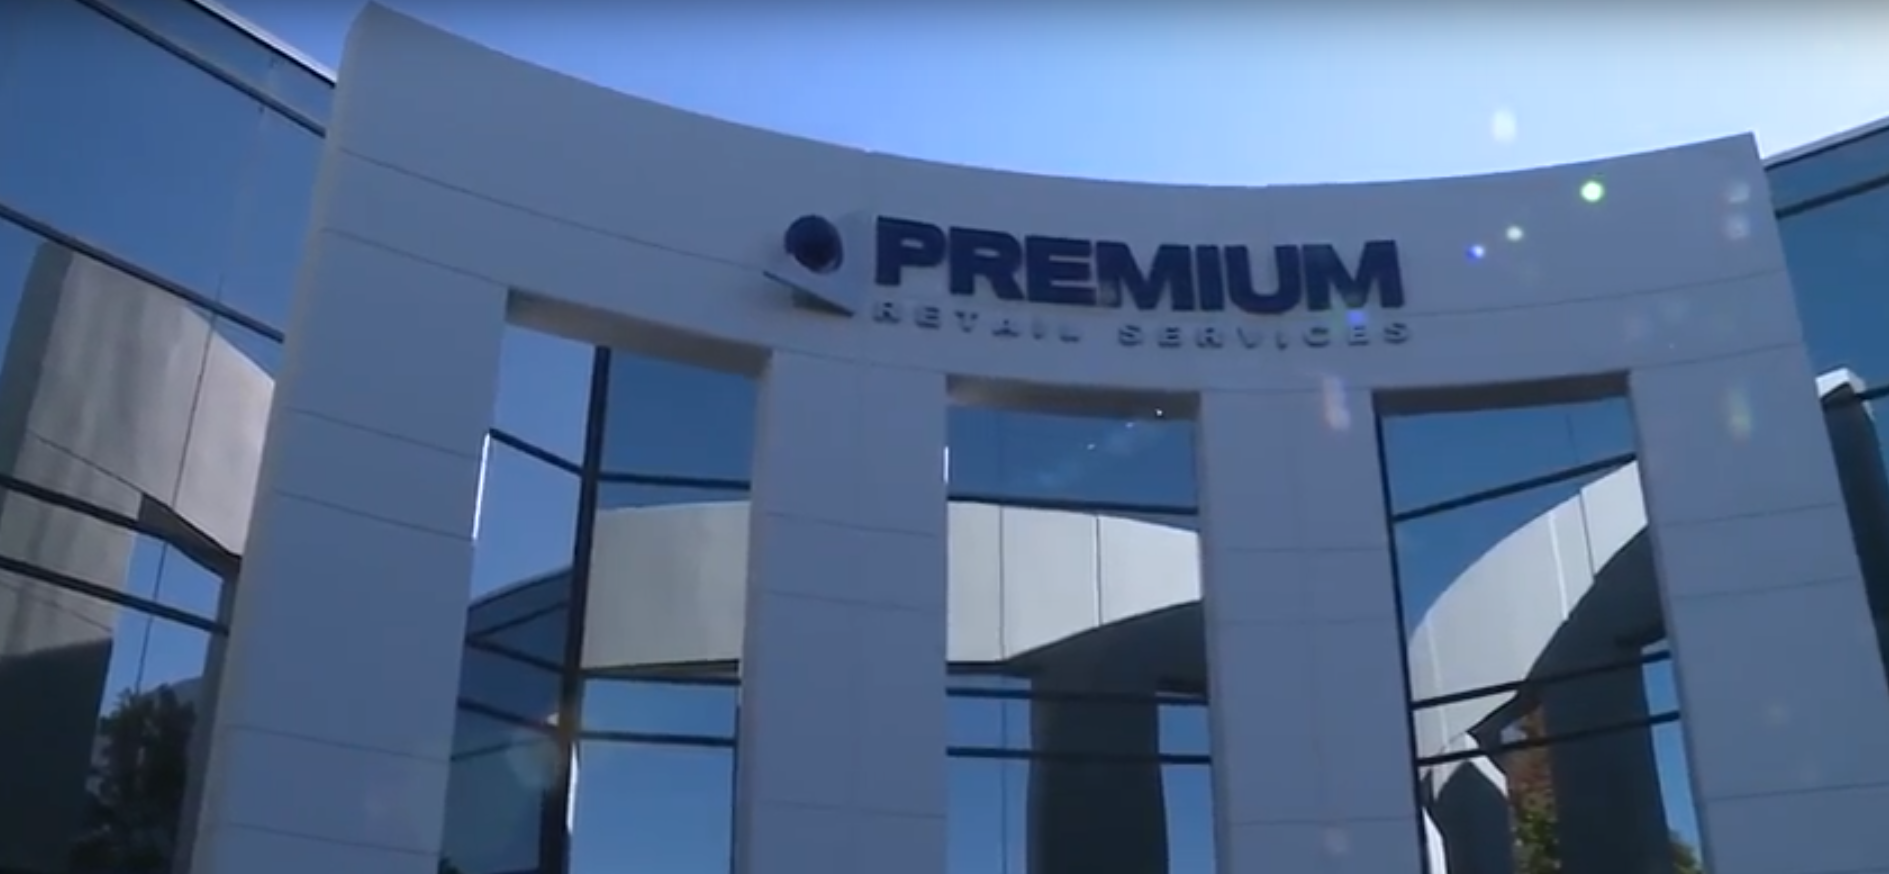 Premium Retail Services